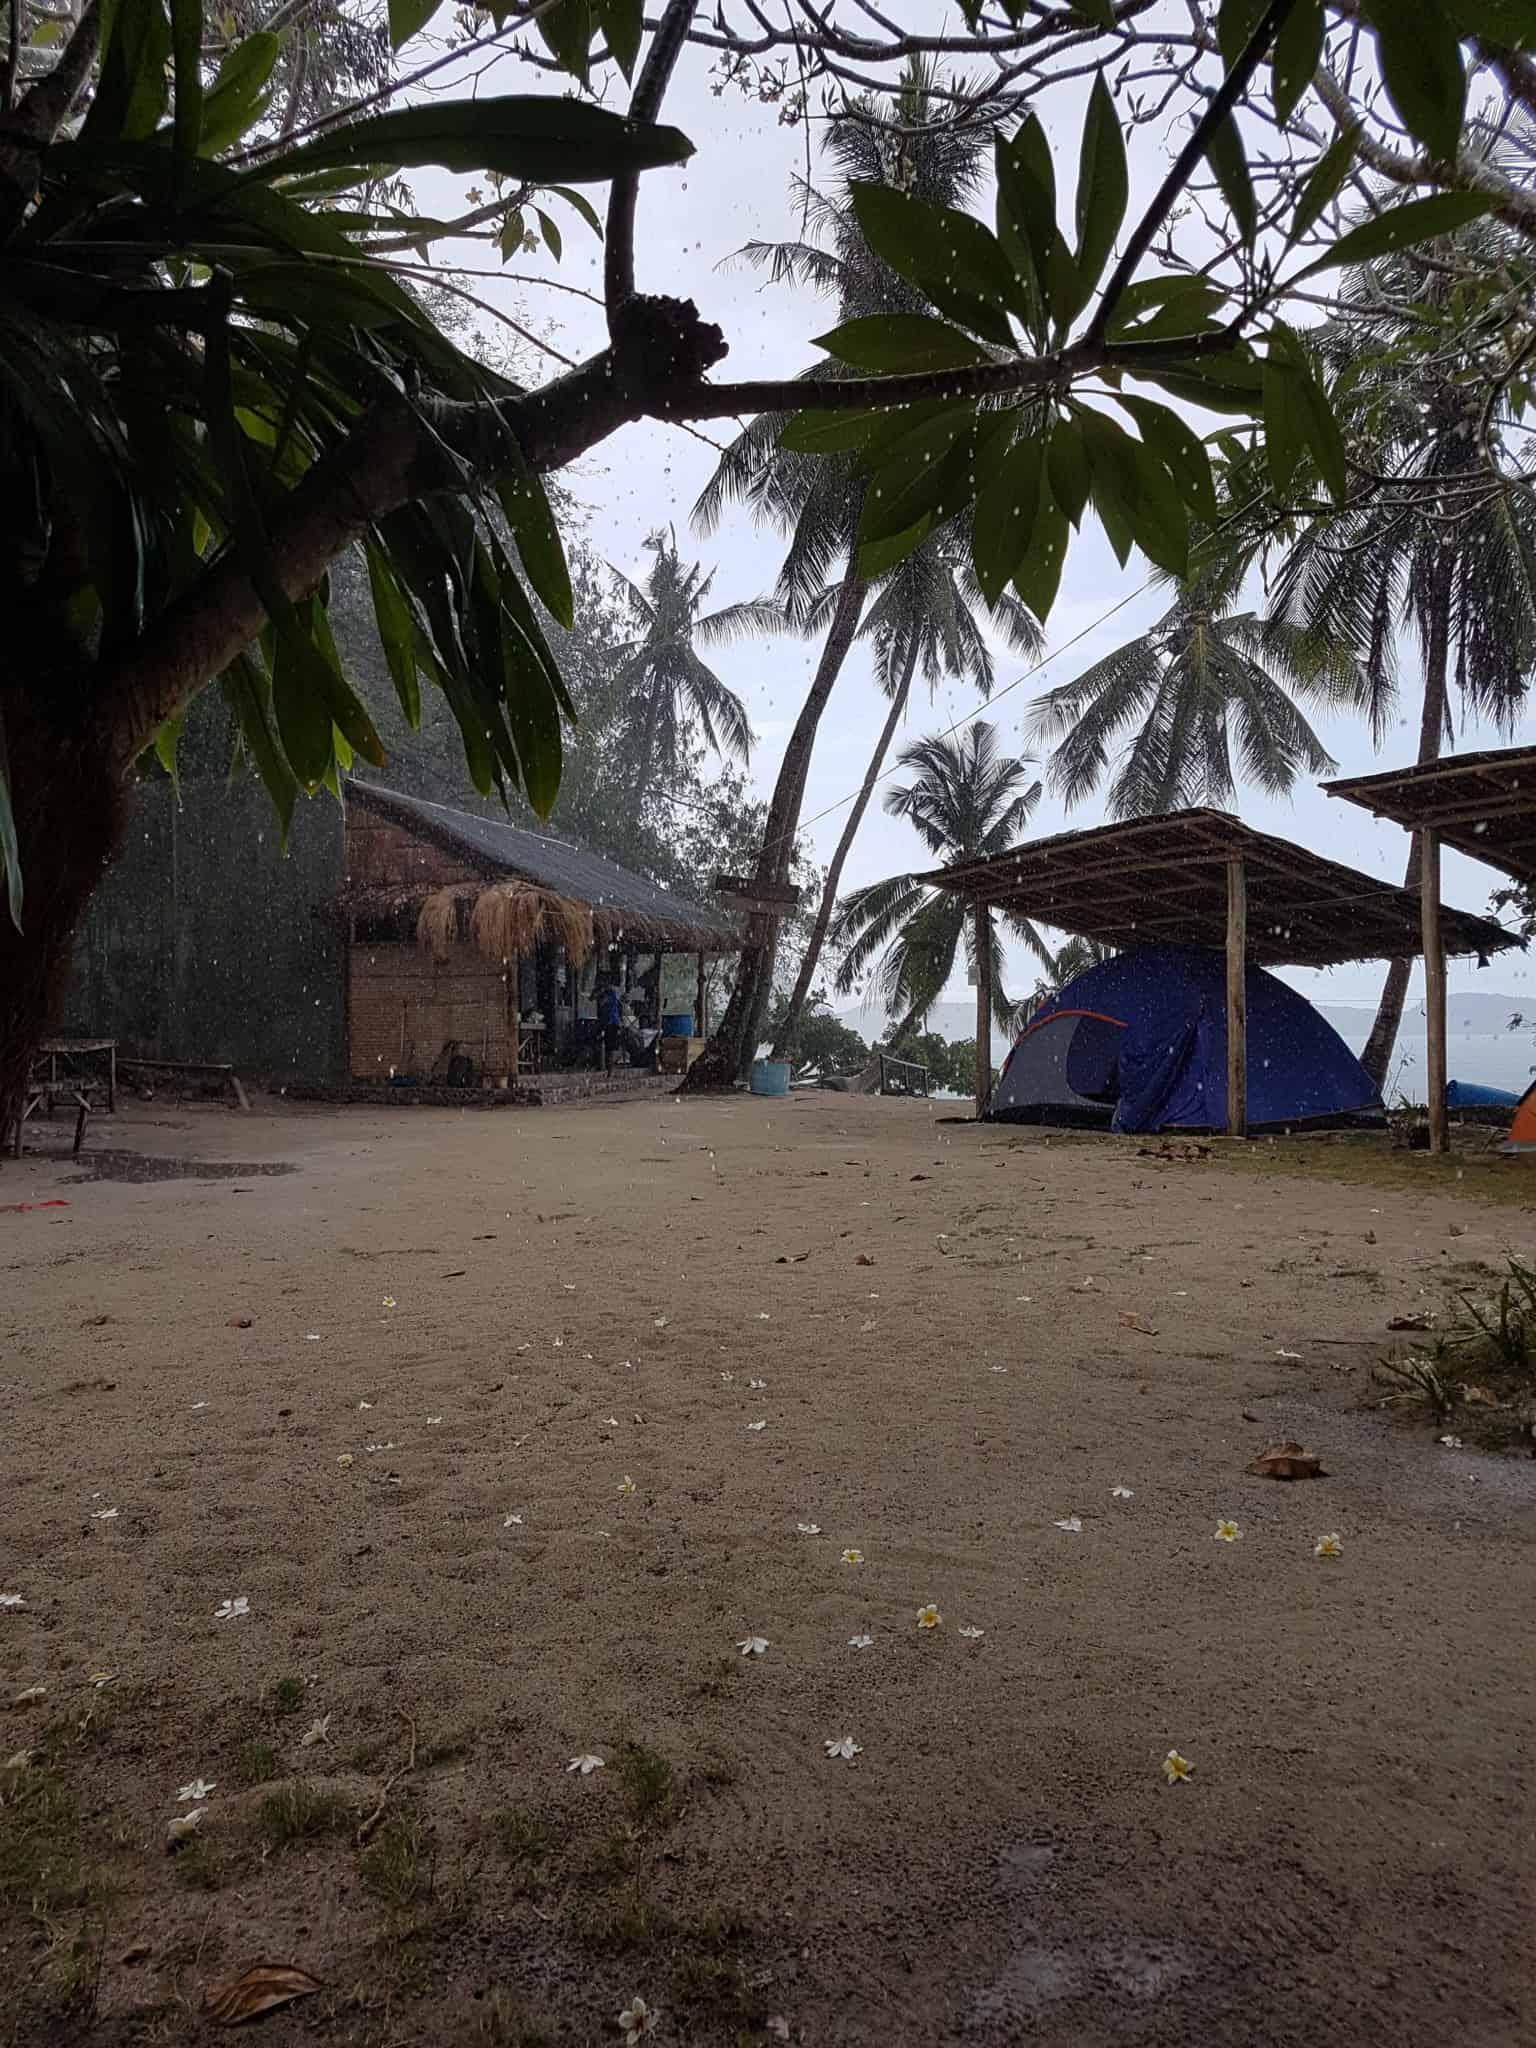 Philippines, comment je me suis retrouvée seule sur une île déserte 🧜♀️ 25